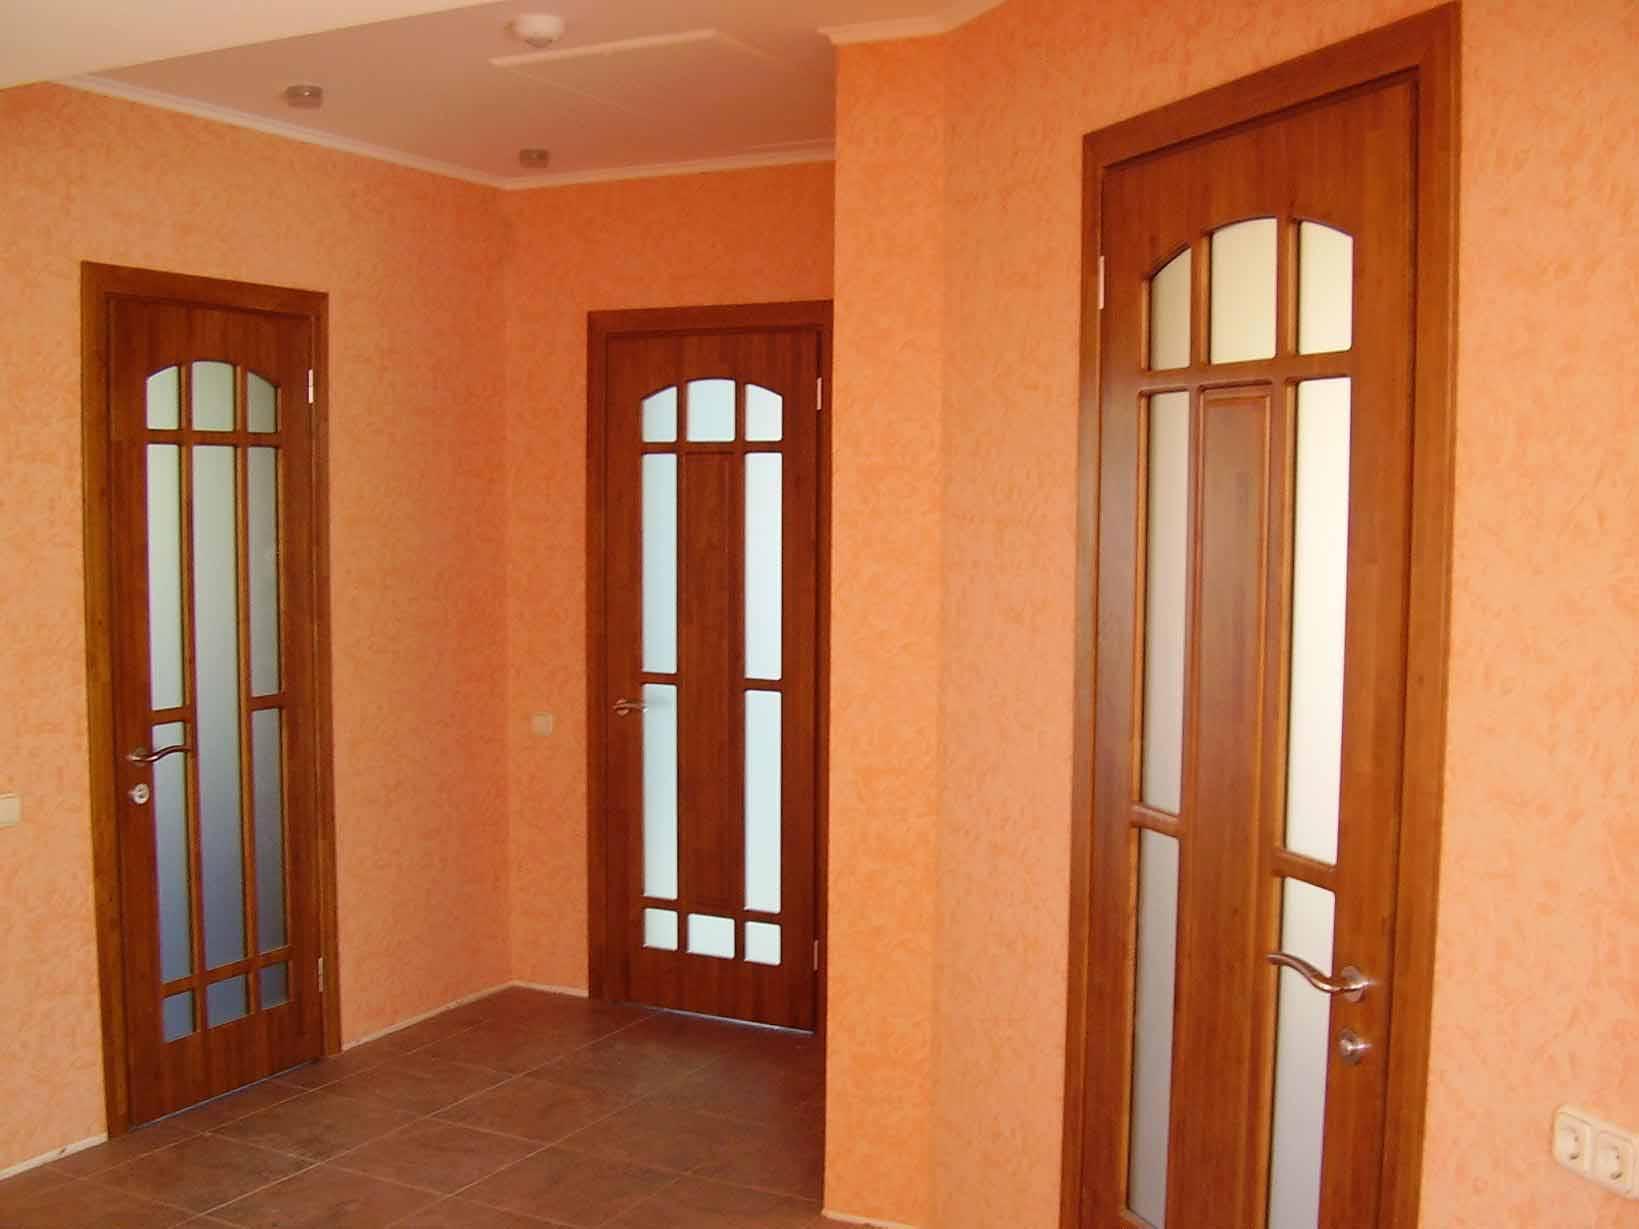 Установка межкомнатных дверей балашиха. установка петель и з.